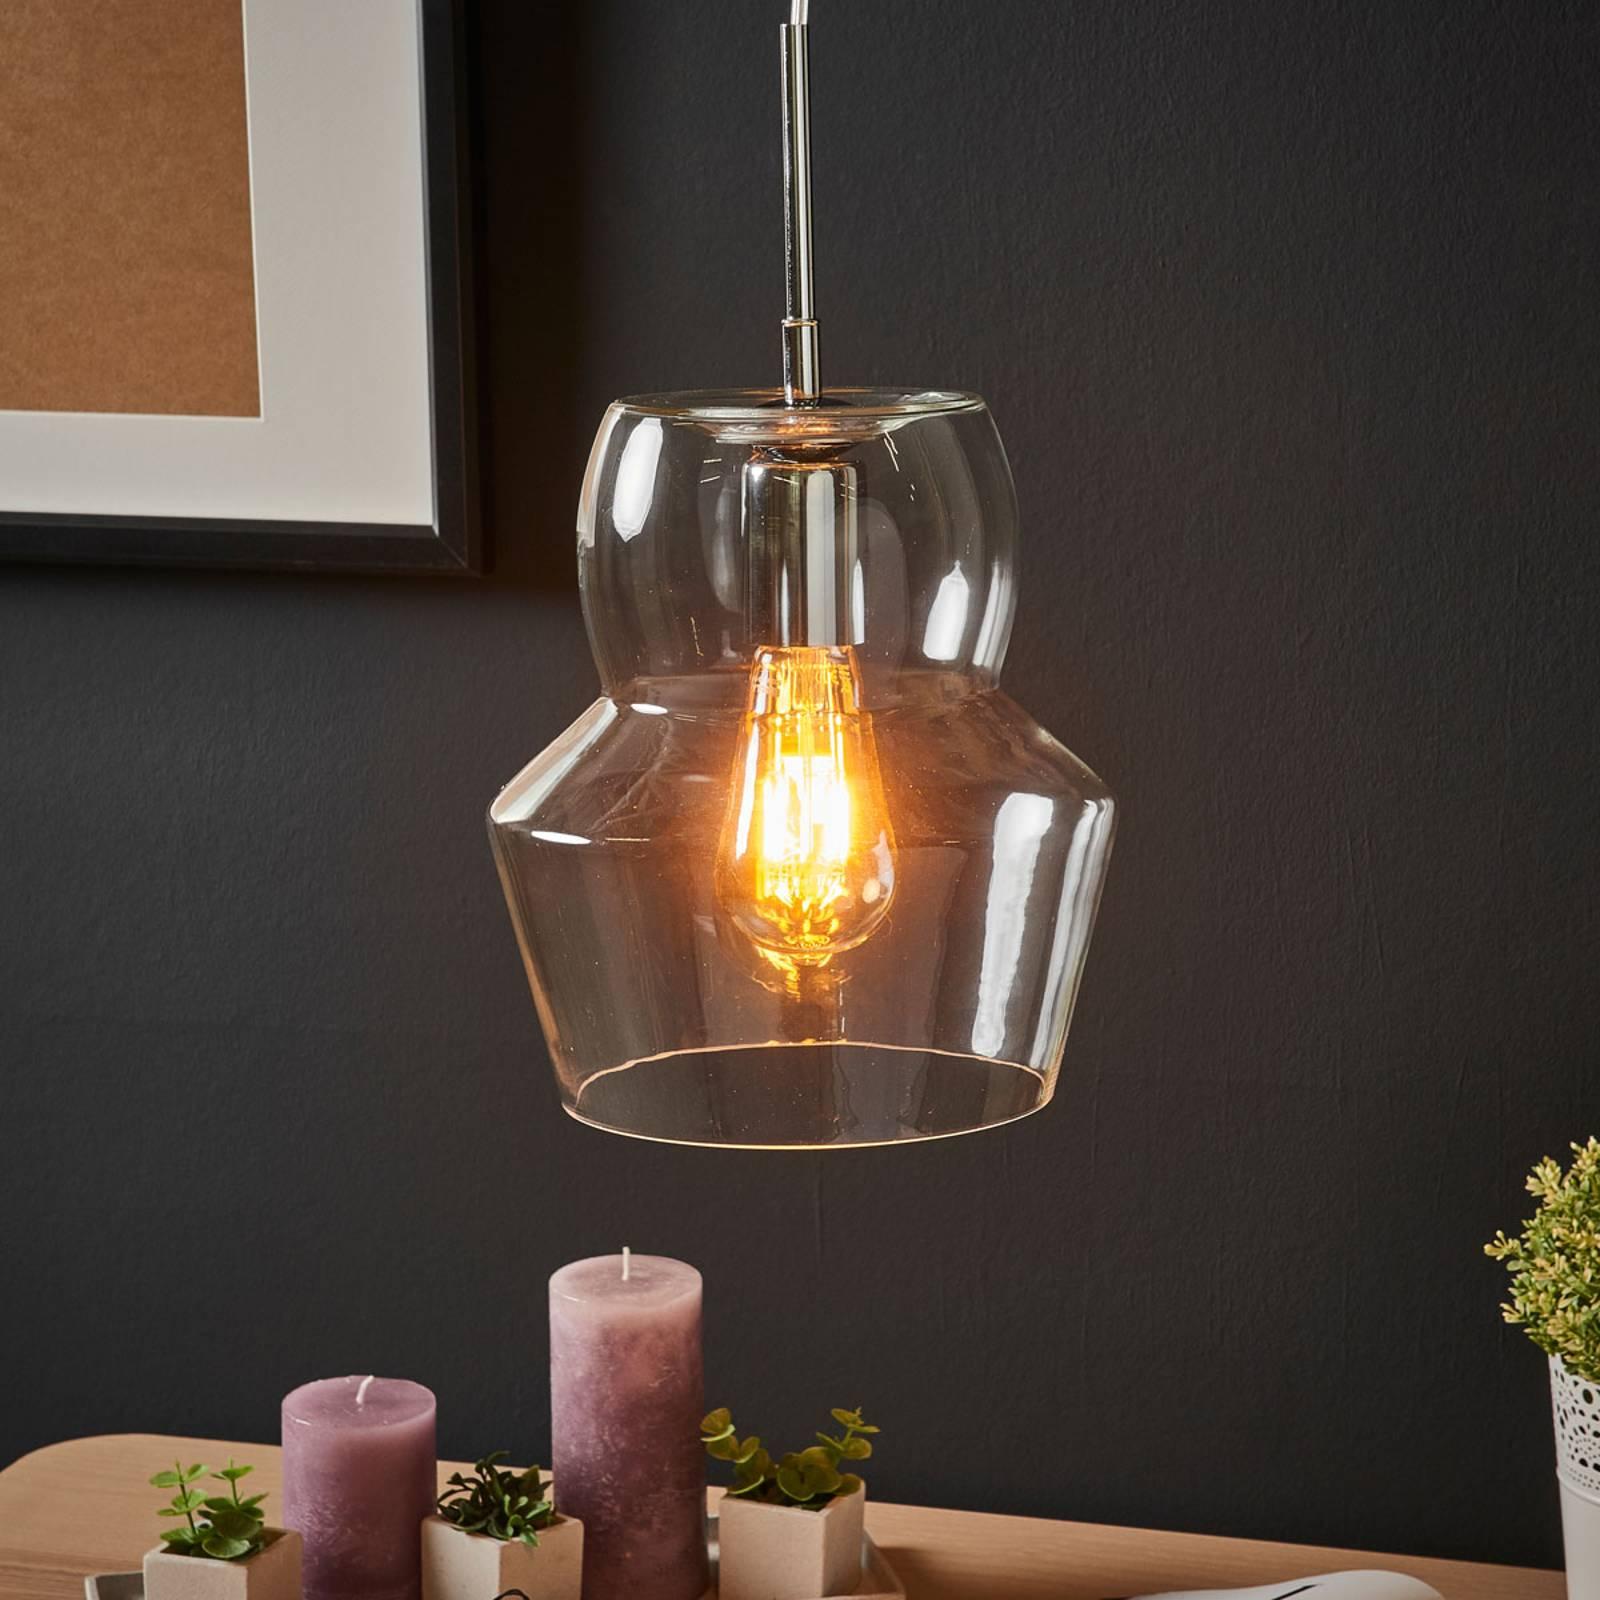 Glas-hanglamp Zeno, transparant, 22 cm